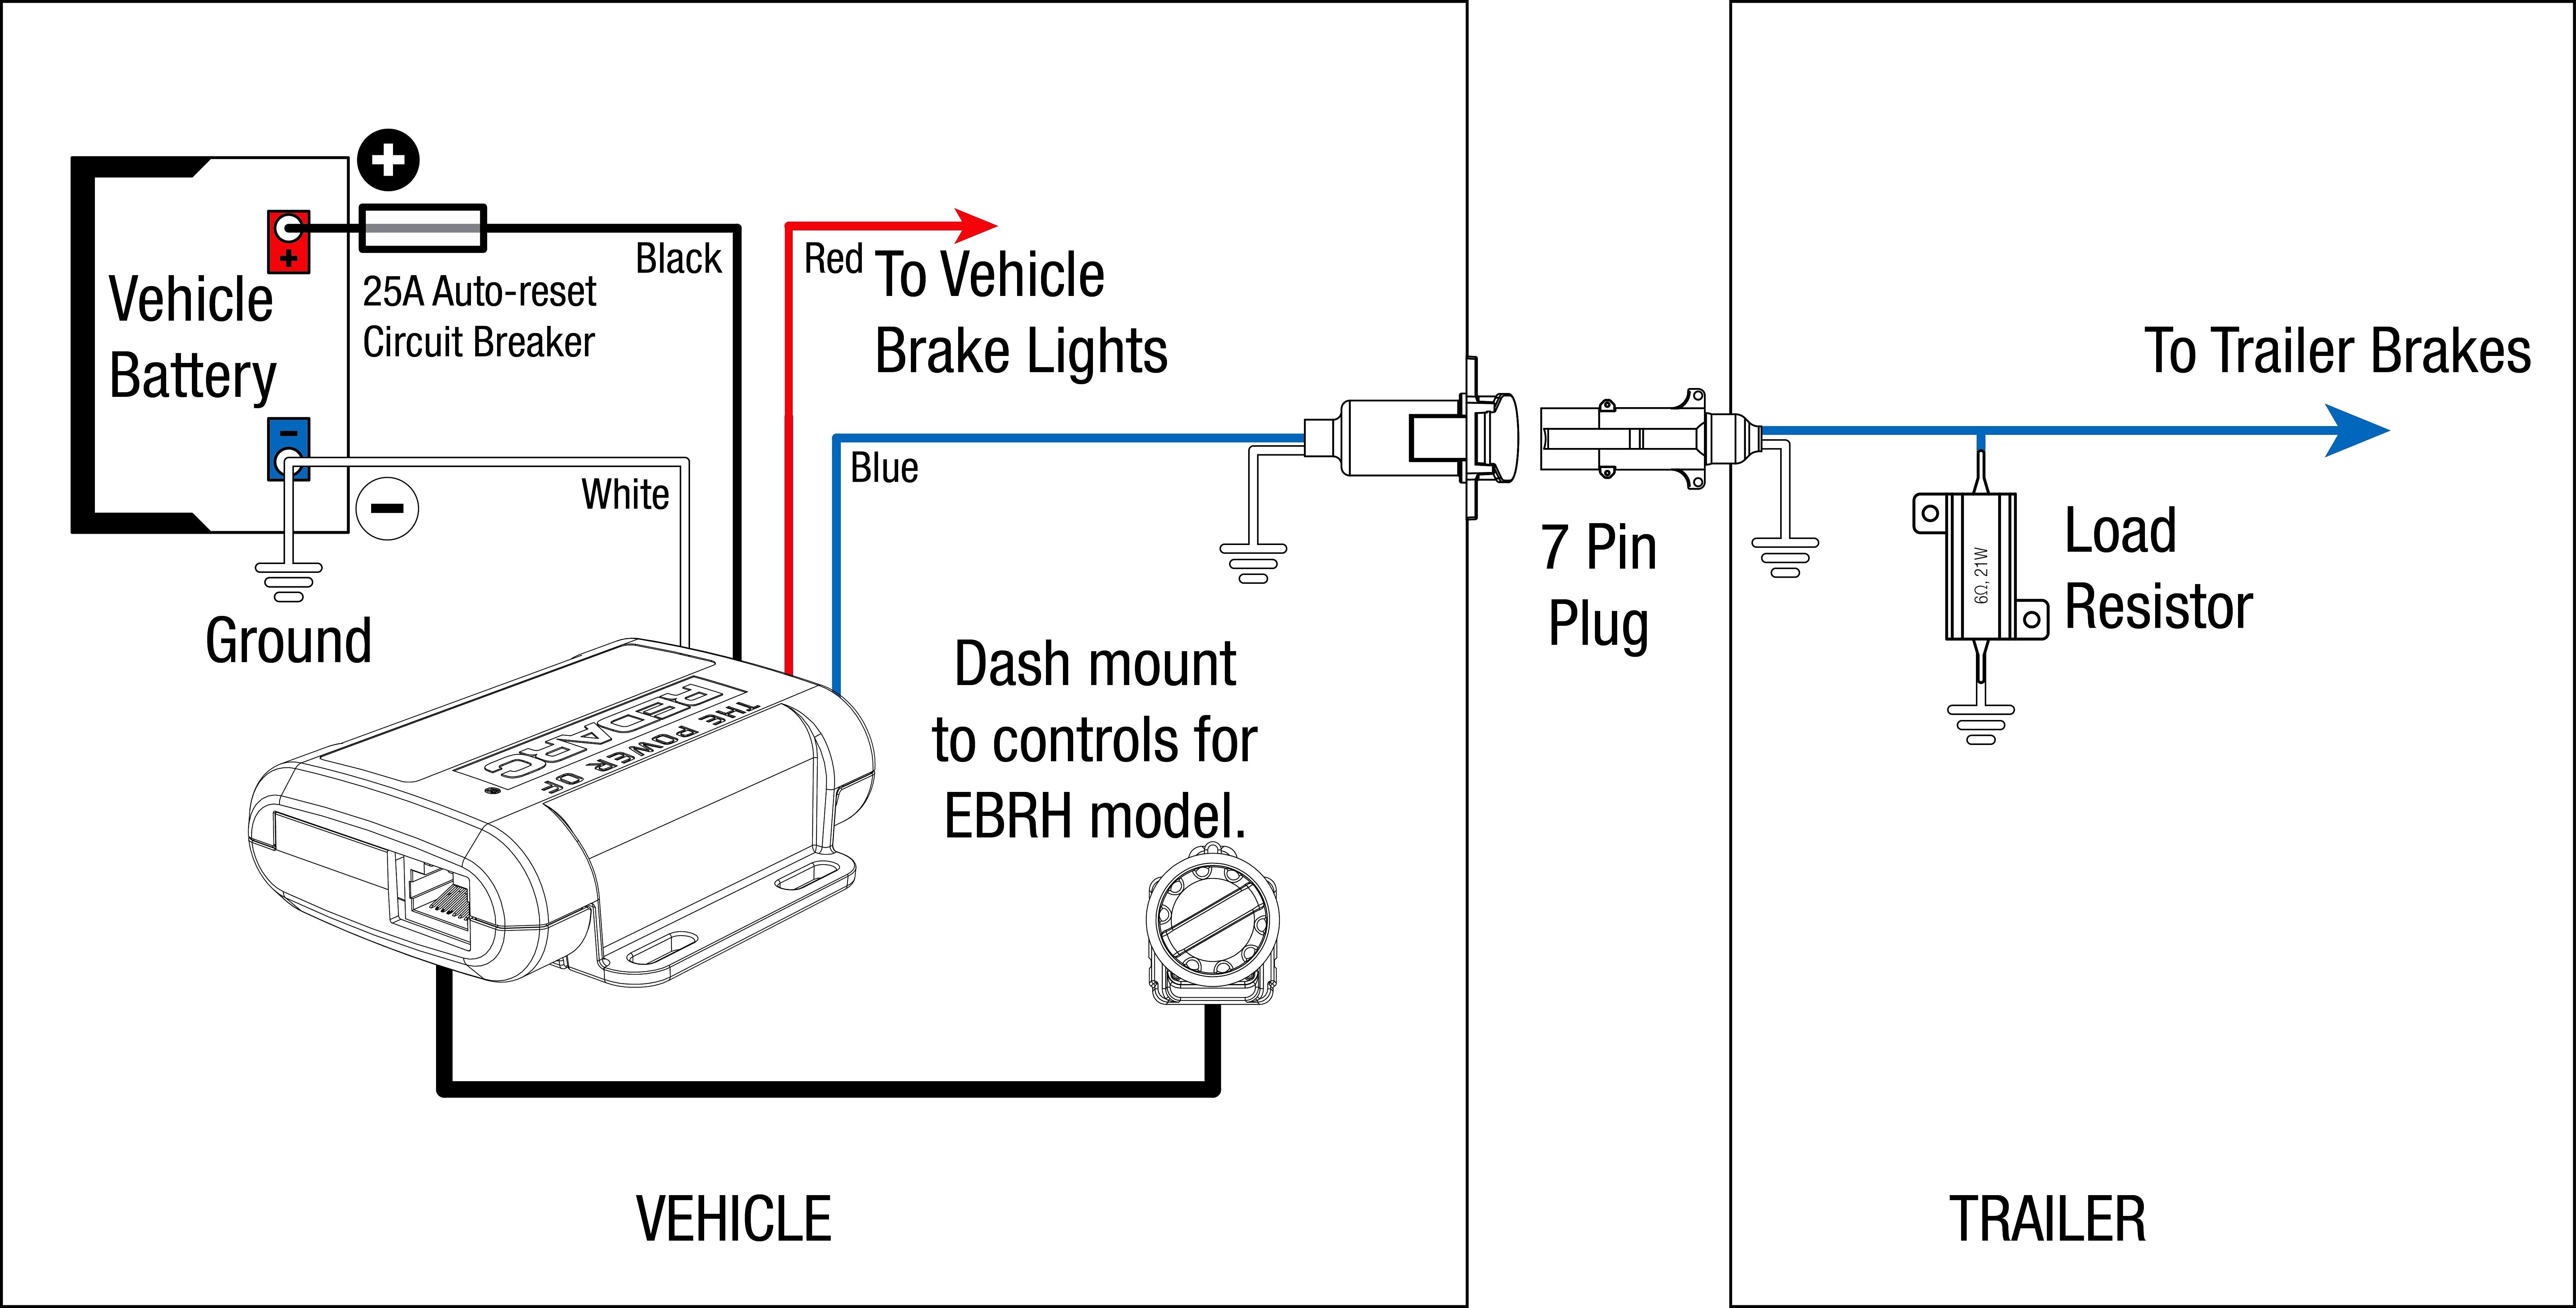 Brake Light Switch Wiring Diagram Trailer Brake Controller Wiring Diagram Autoctono Of Brake Light Switch Wiring Diagram